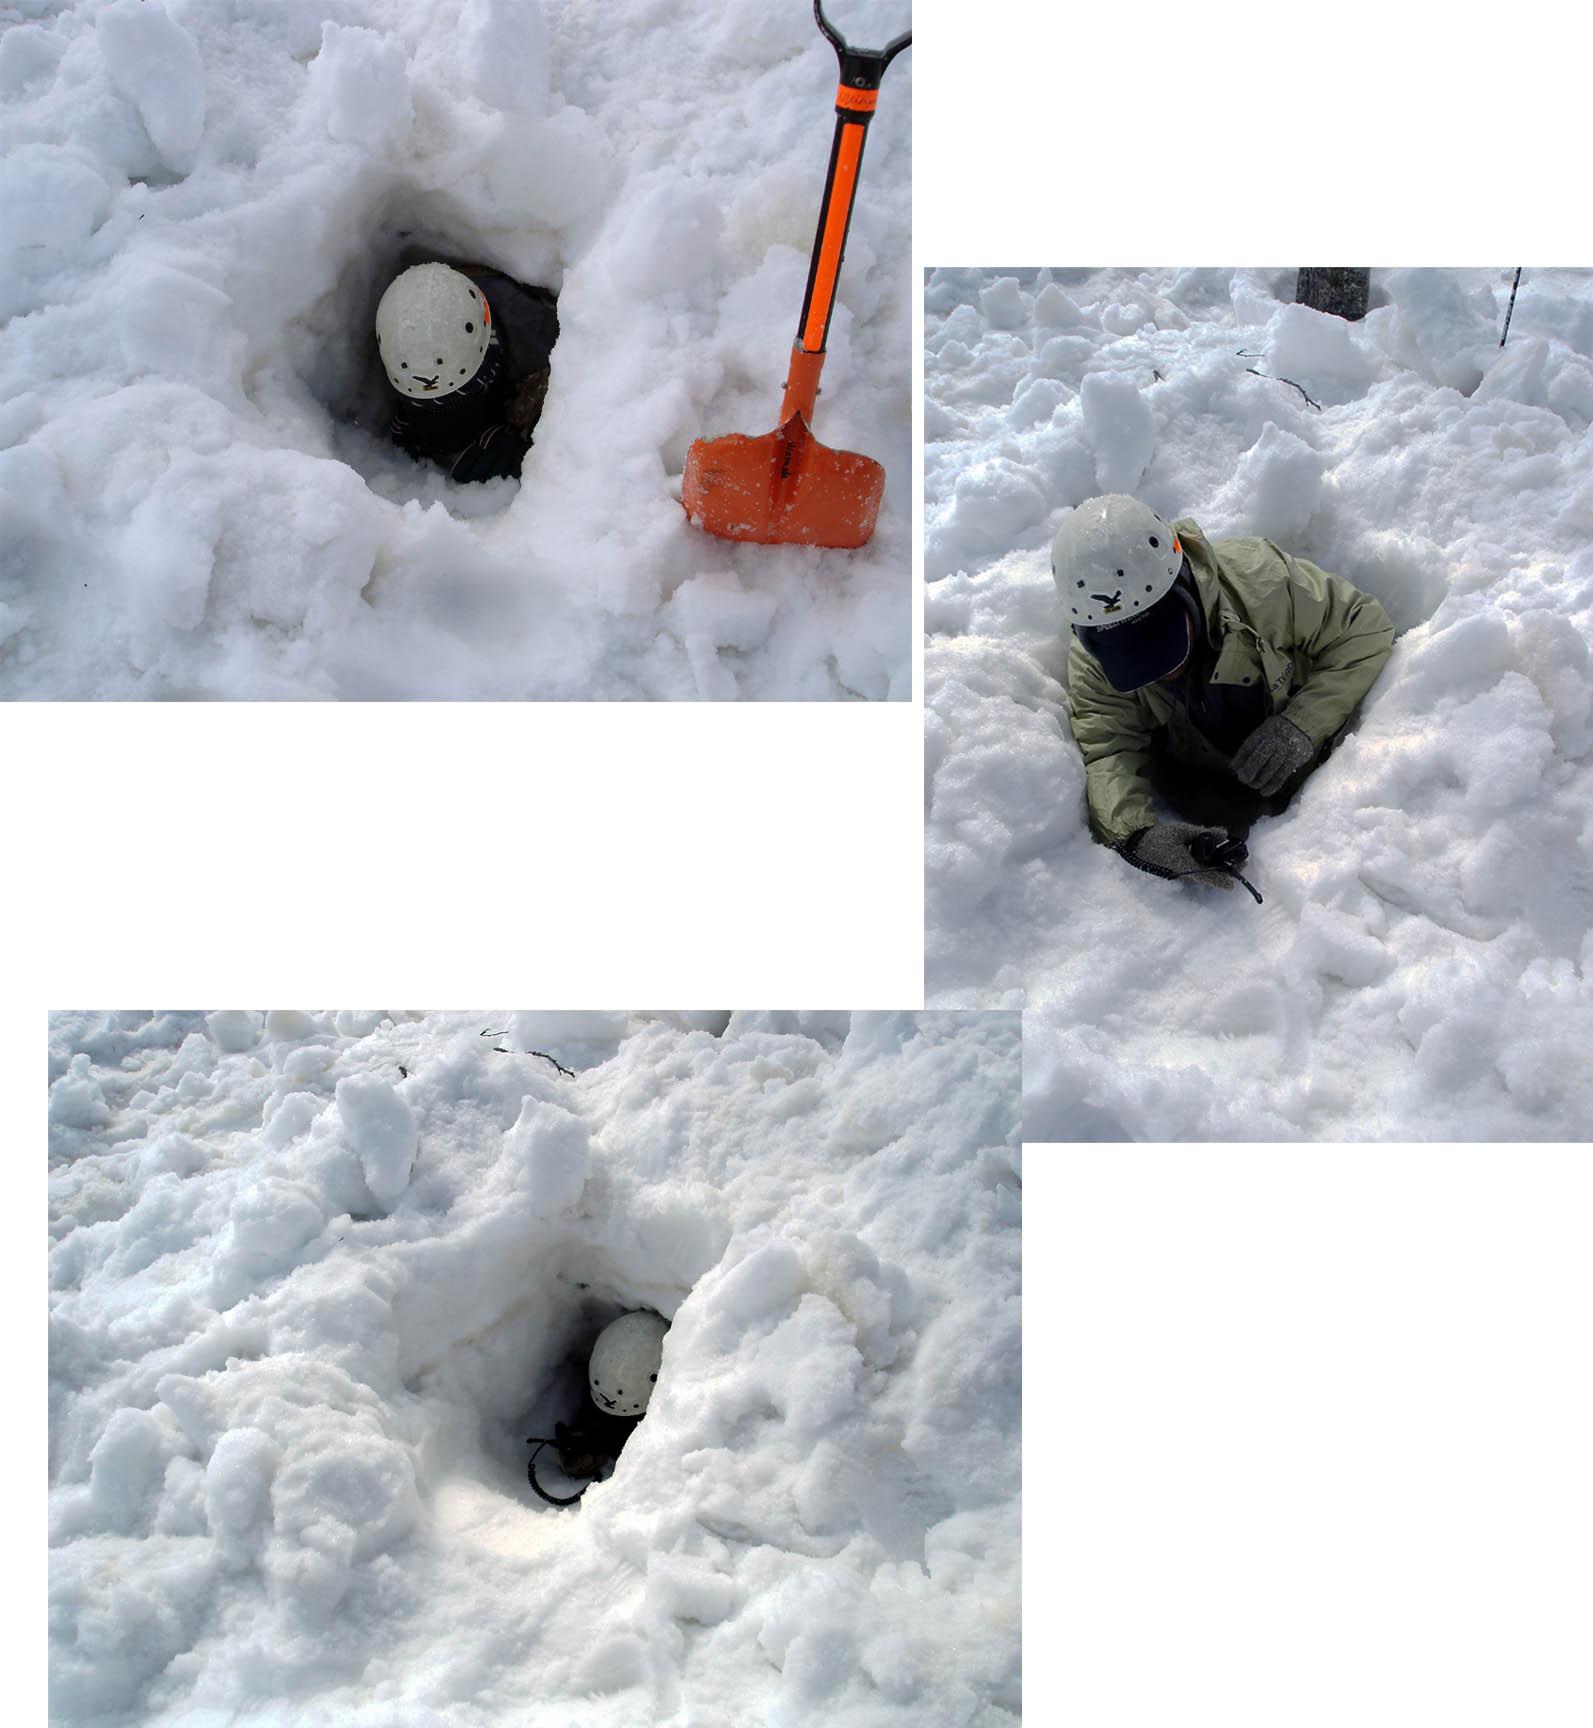 雪中訓練Ⅱ(28) ヘルパー交代